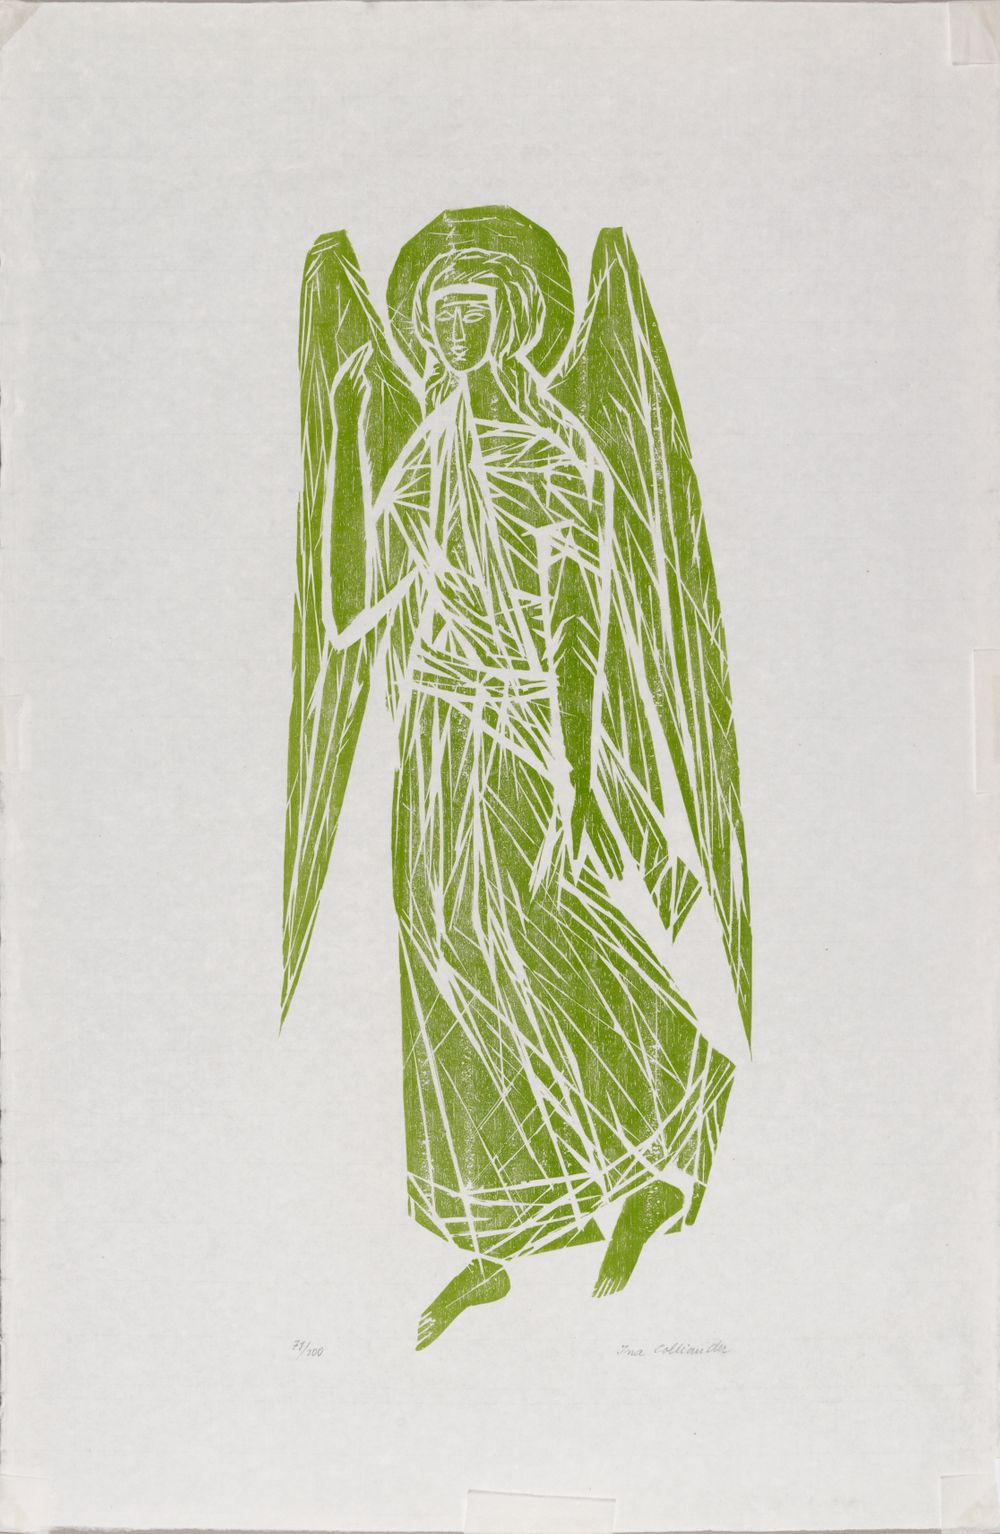 Enkeli vihreä